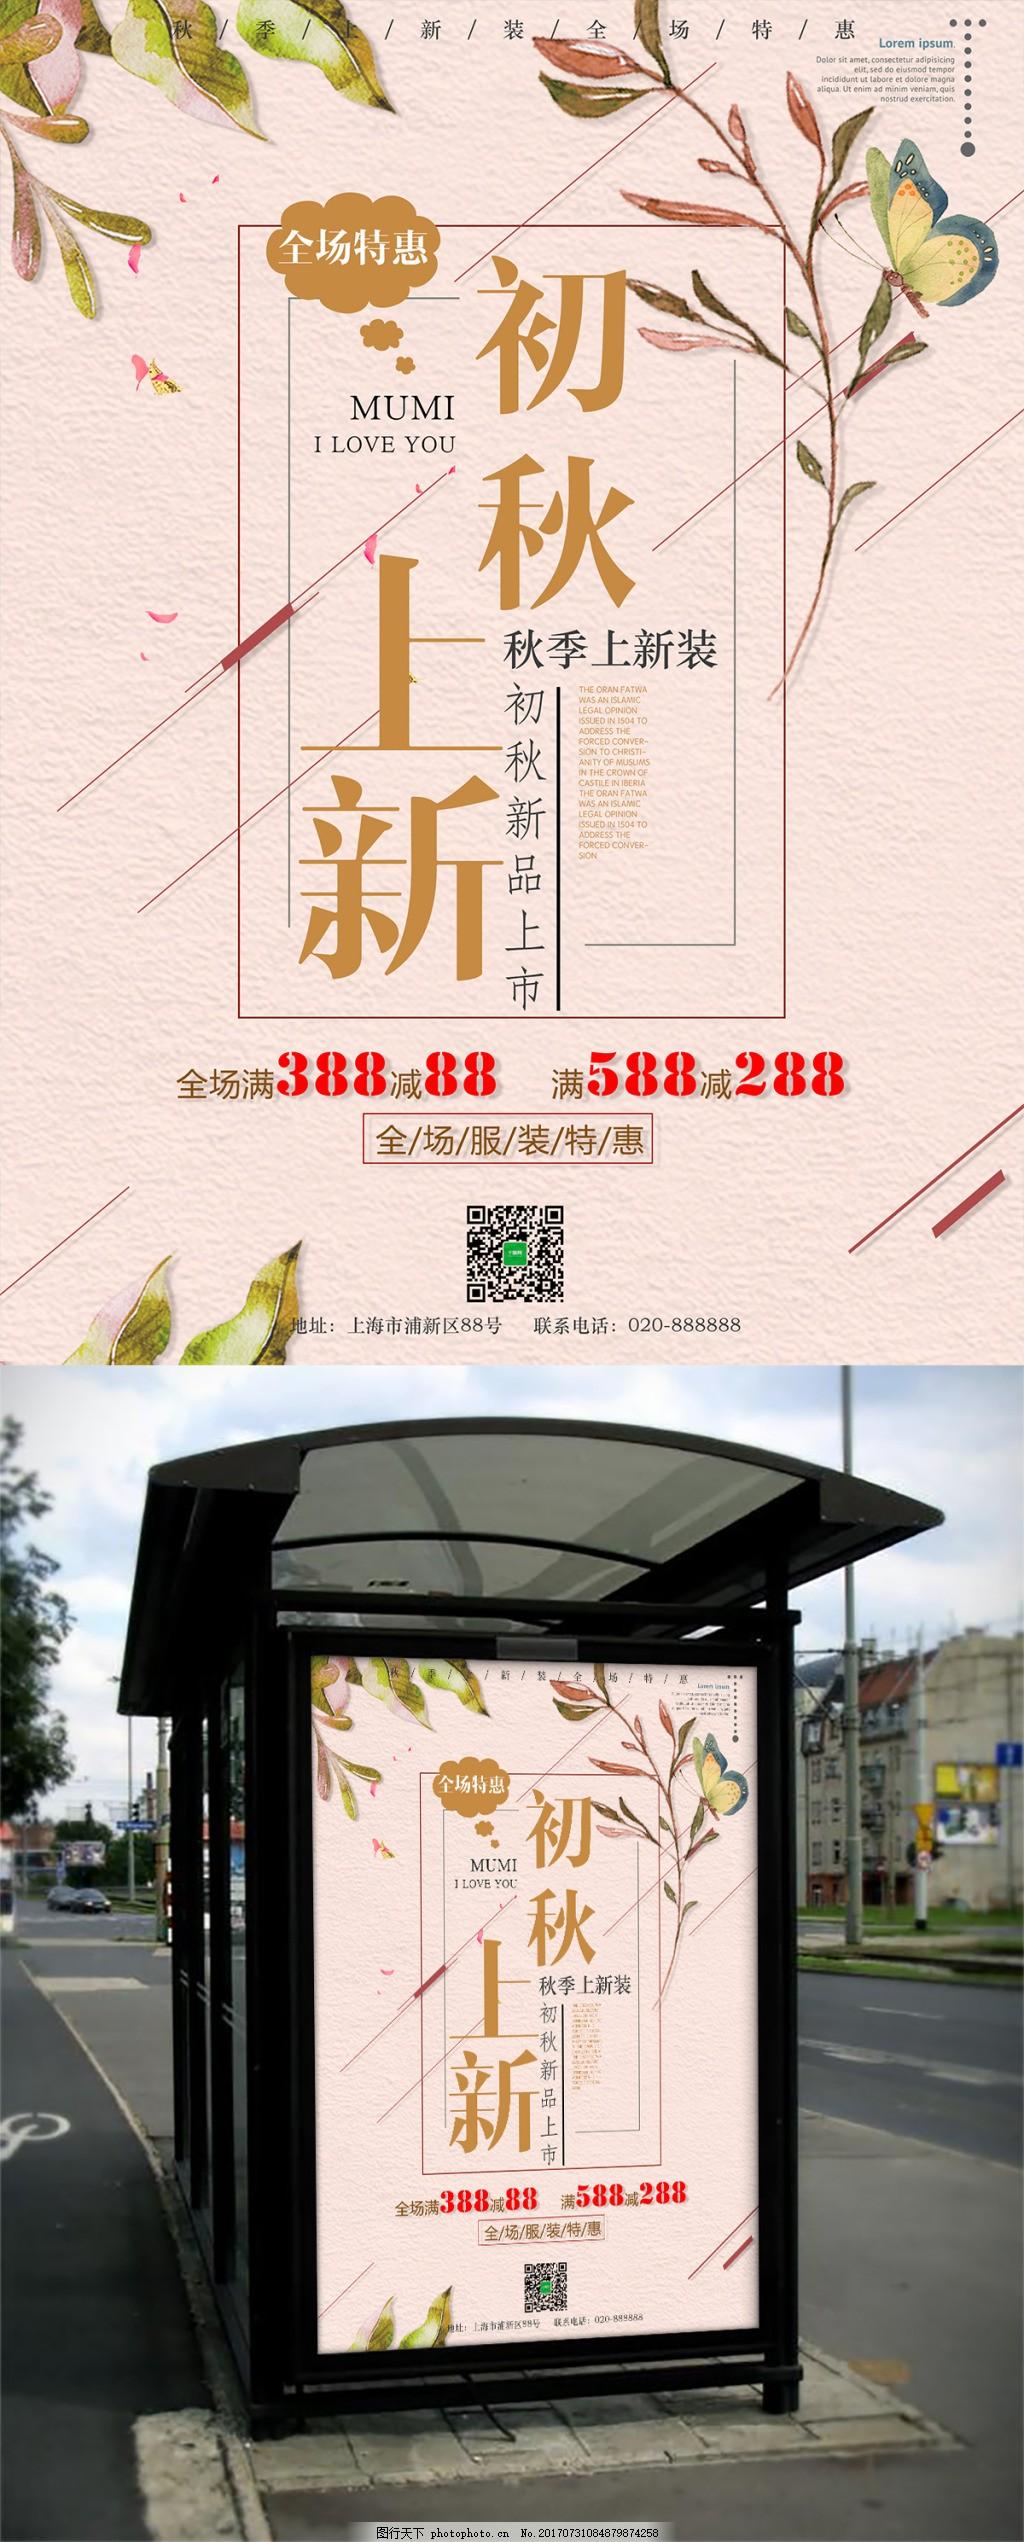 简约文艺秋季促销海报 初秋上新 新品上市 新装 商场促销 衣服